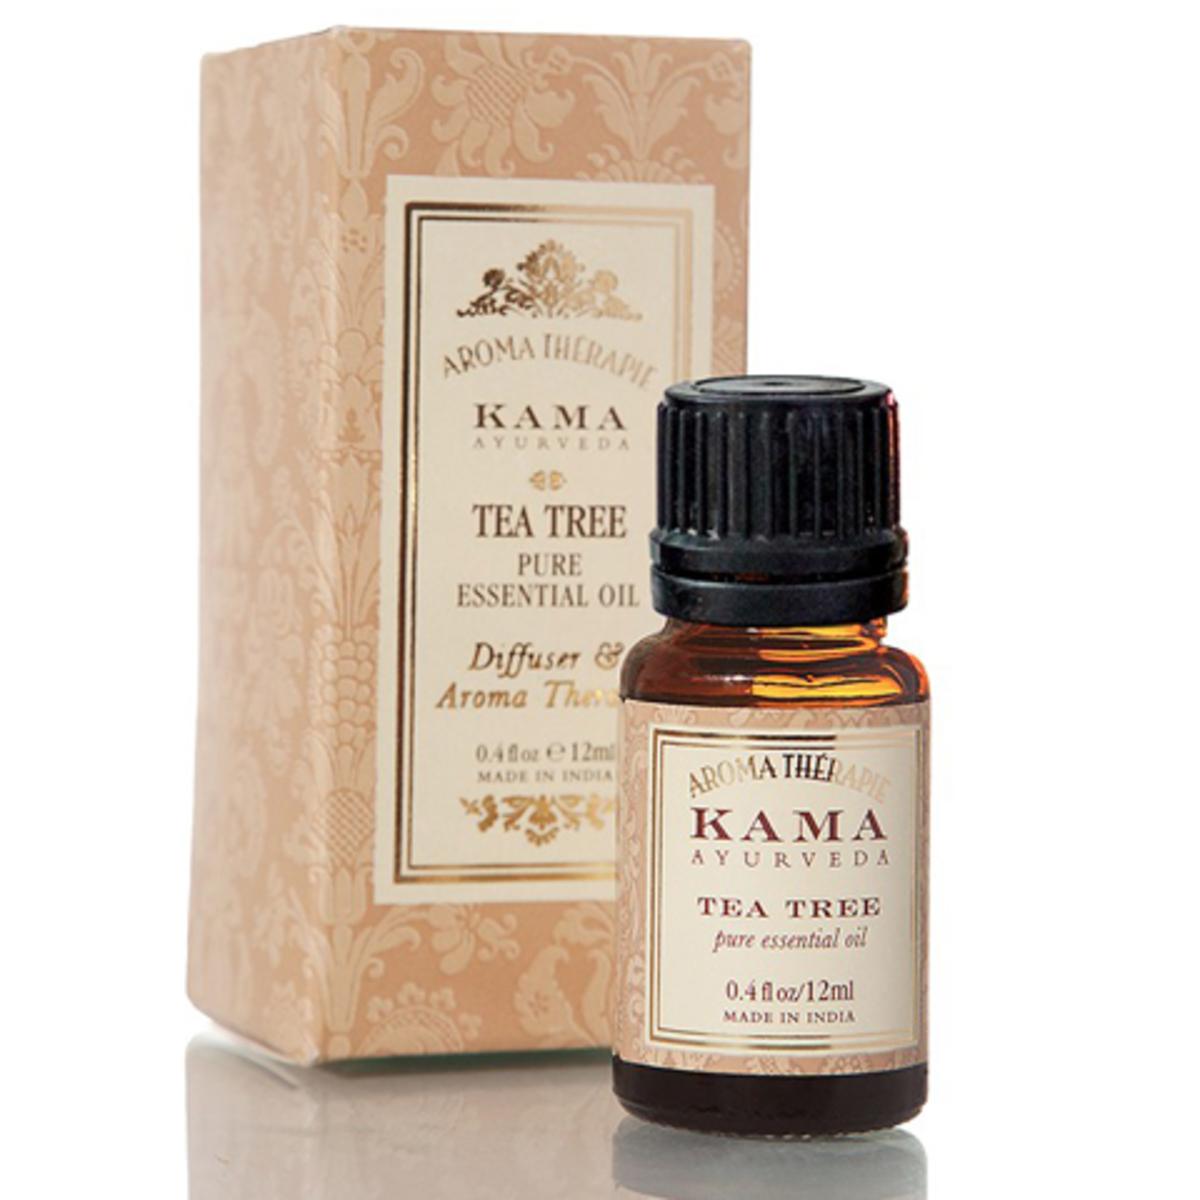 k.Tea tree pure essential oil